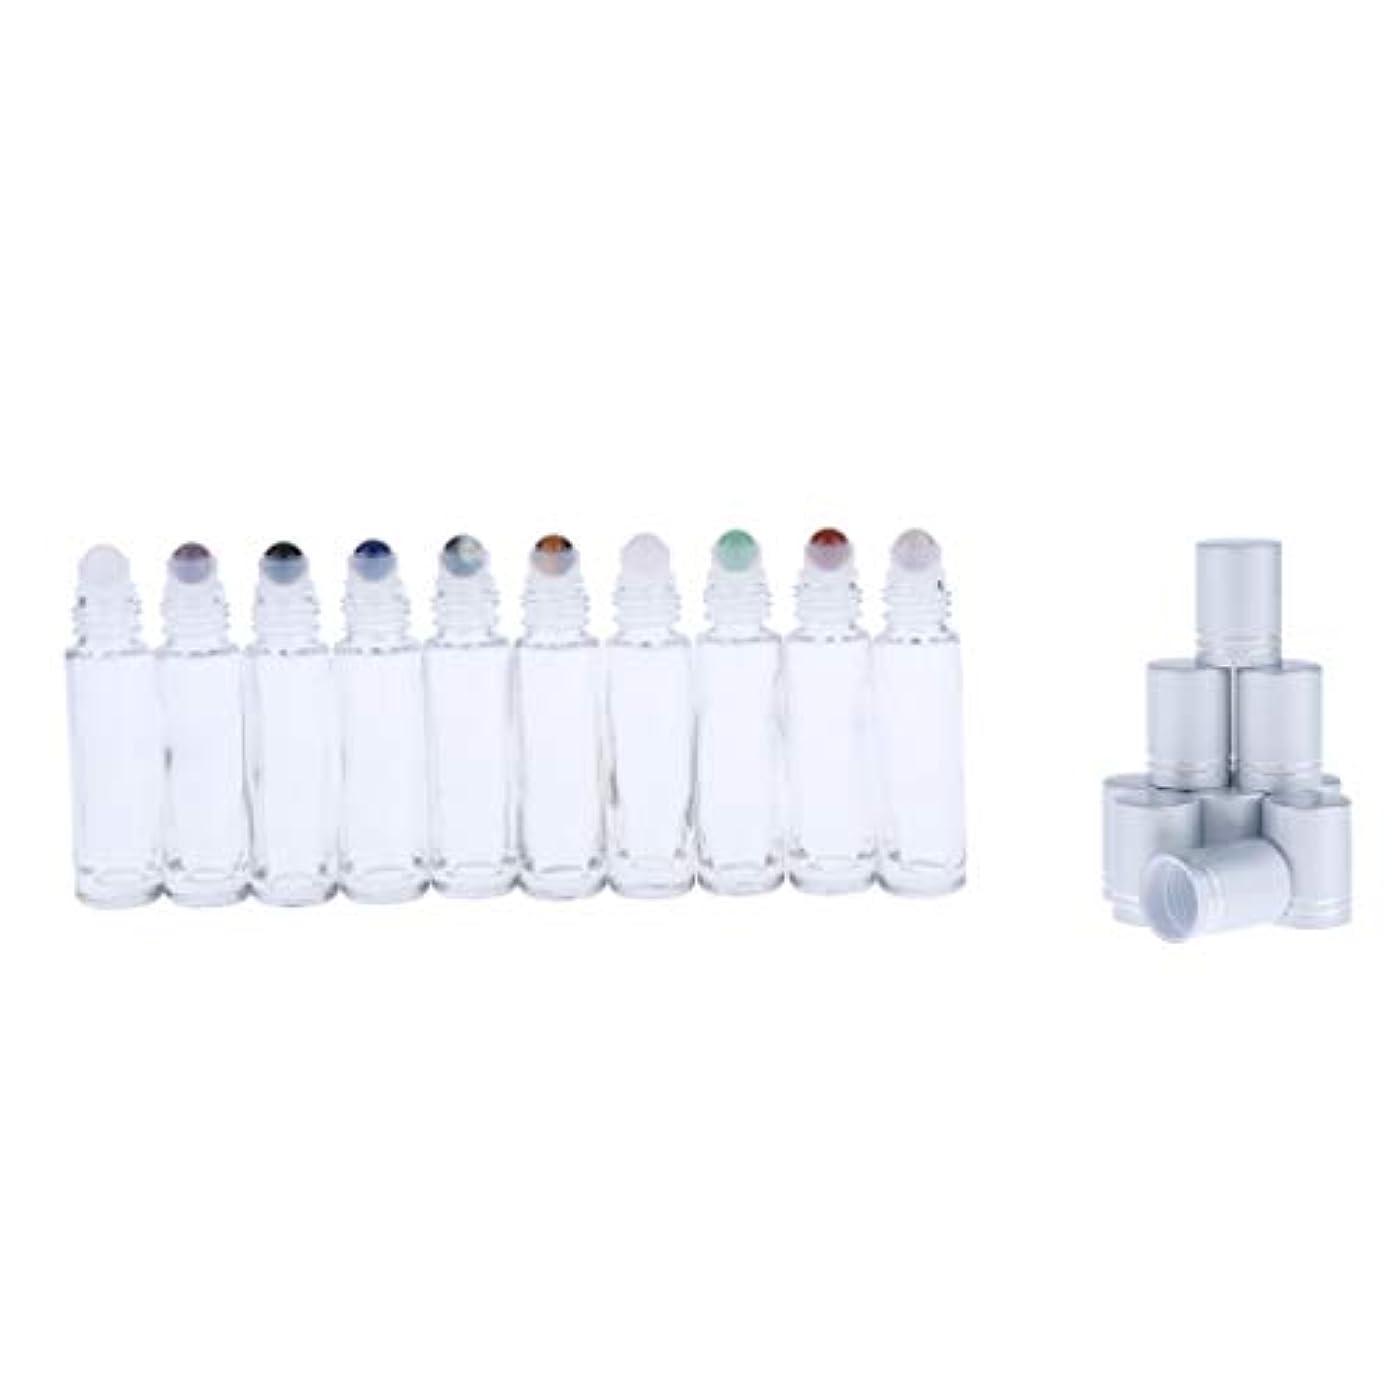 先史時代の責任講師sharprepublic 10個 ロールオンボトル ガラスボトル 精油 香水やアロマの保存 詰替え 小分け用 10ml